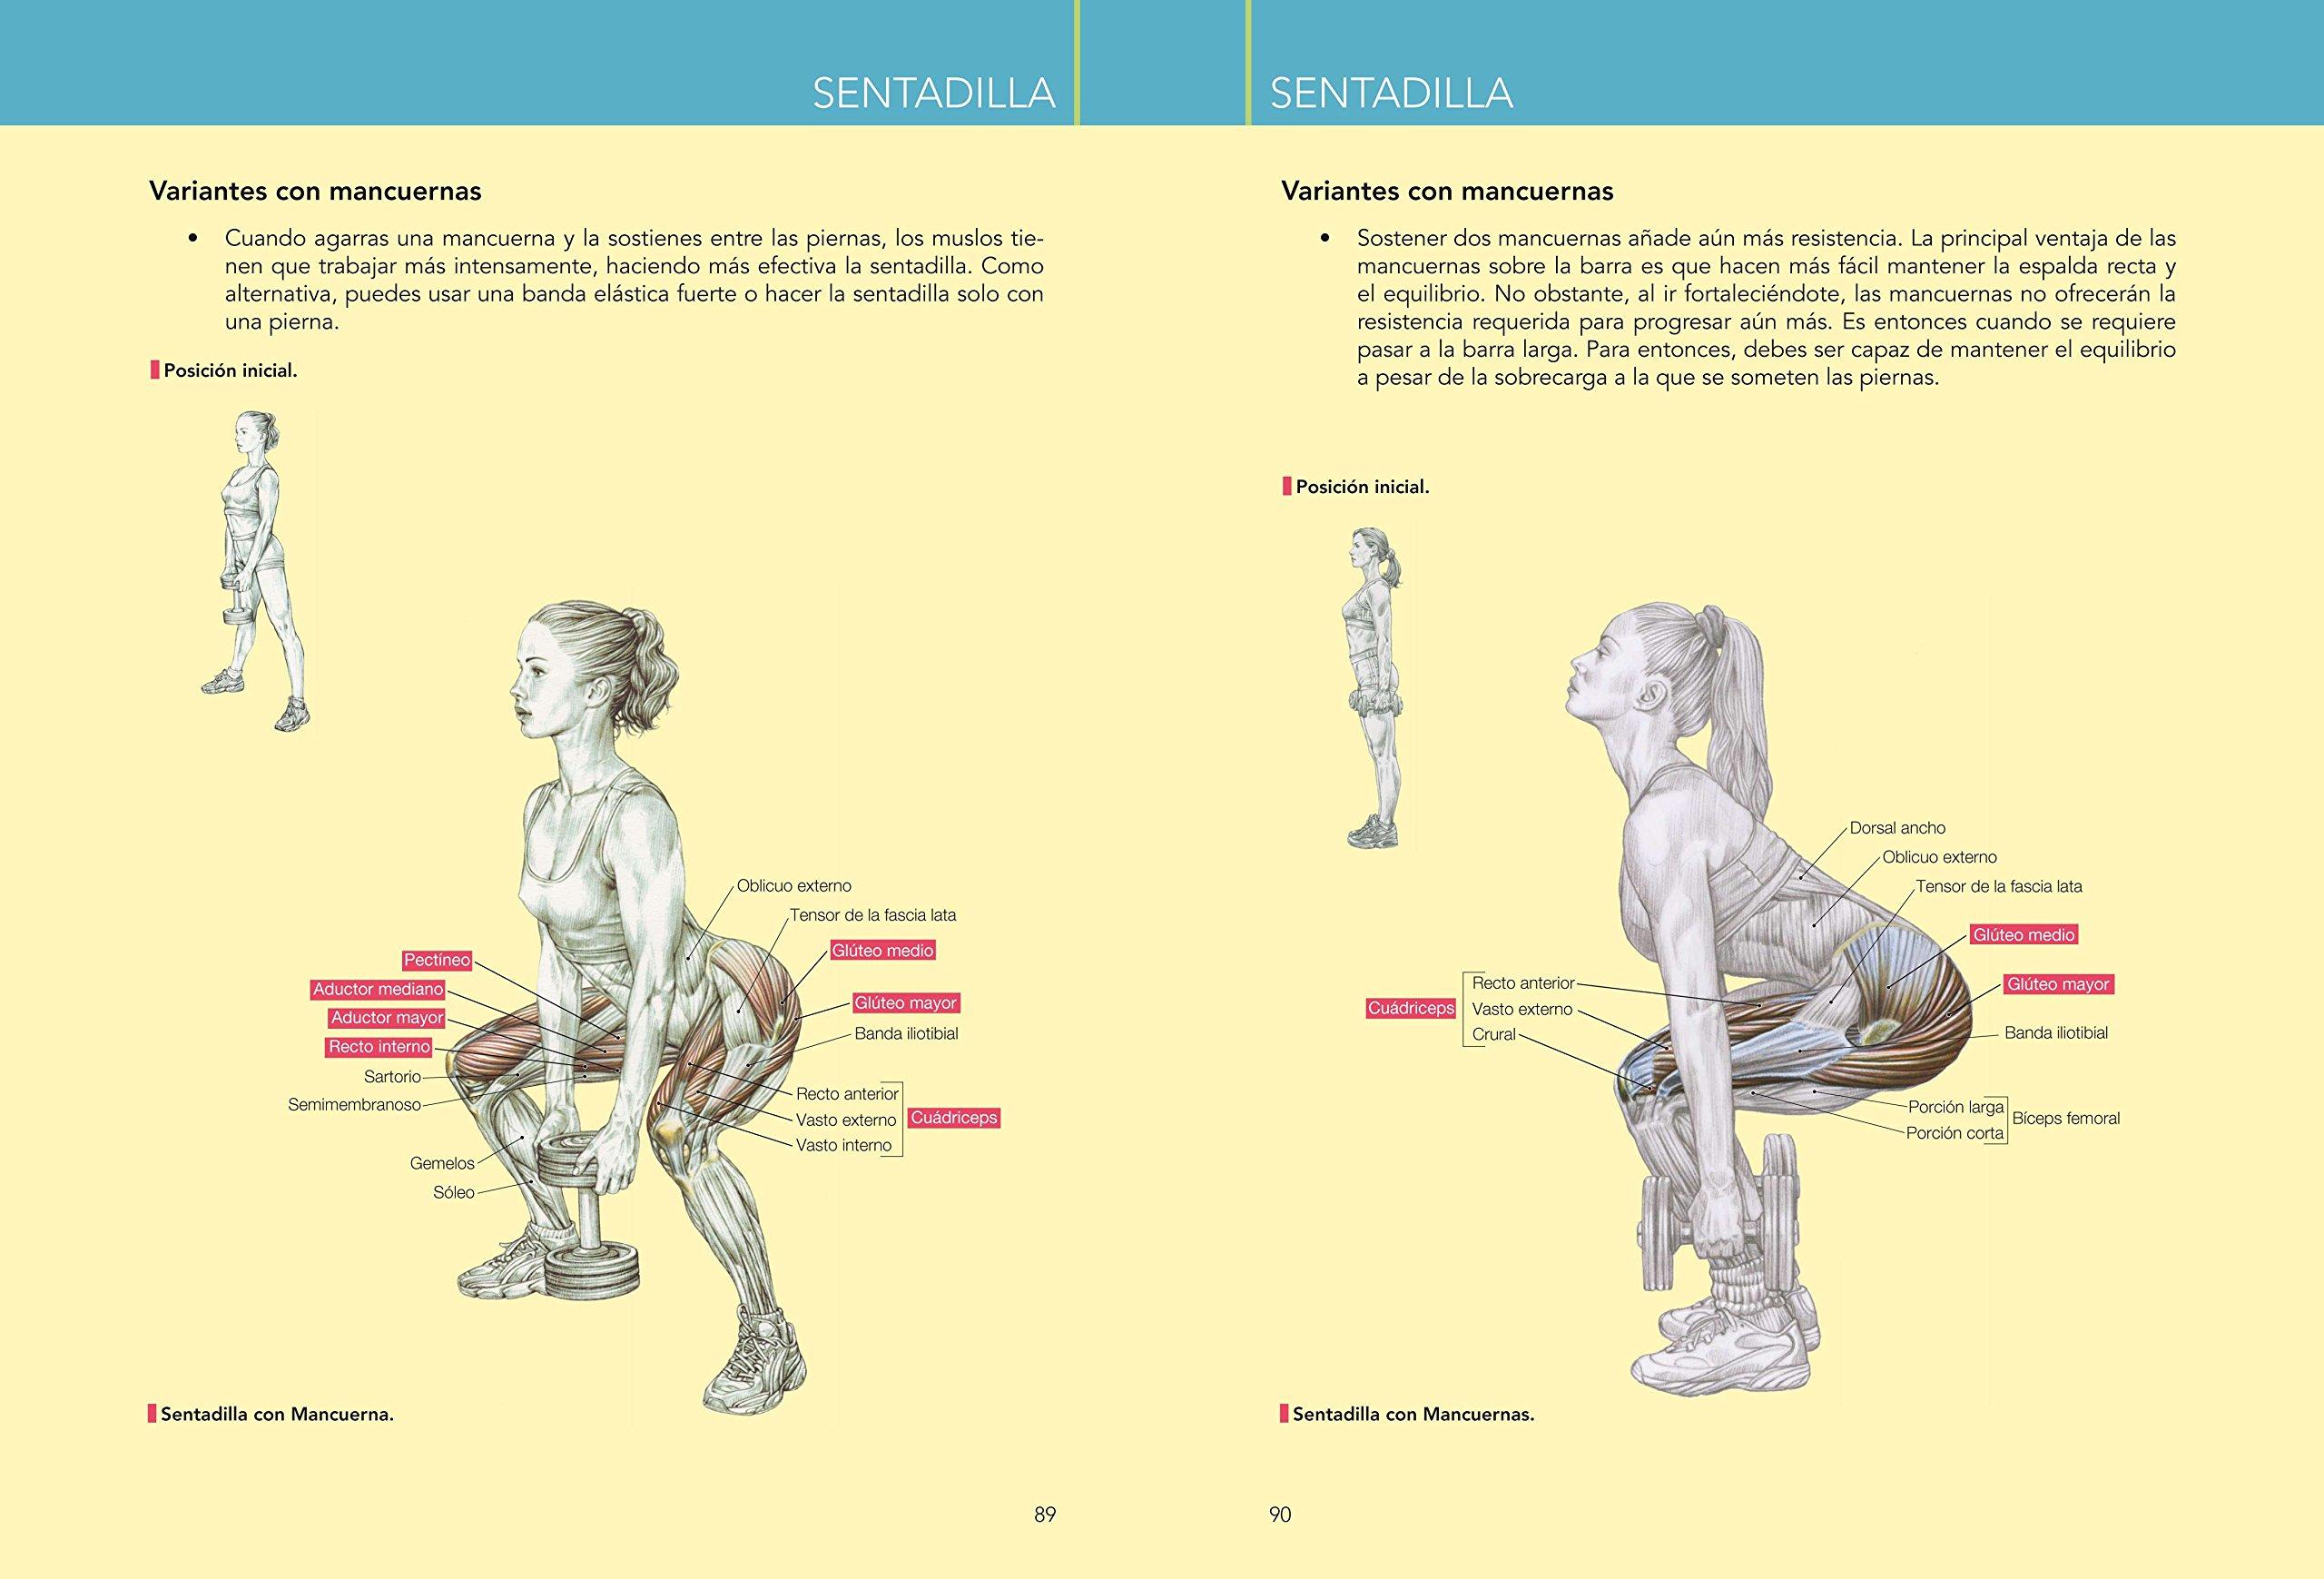 Anatomía Del Entrenamiento De La Fuerza Para Mujeres Entrenamiento Deportivo: Amazon.es: Frédéric Delavier, Michael Gundill, Alberto Muñoz Soler, ...